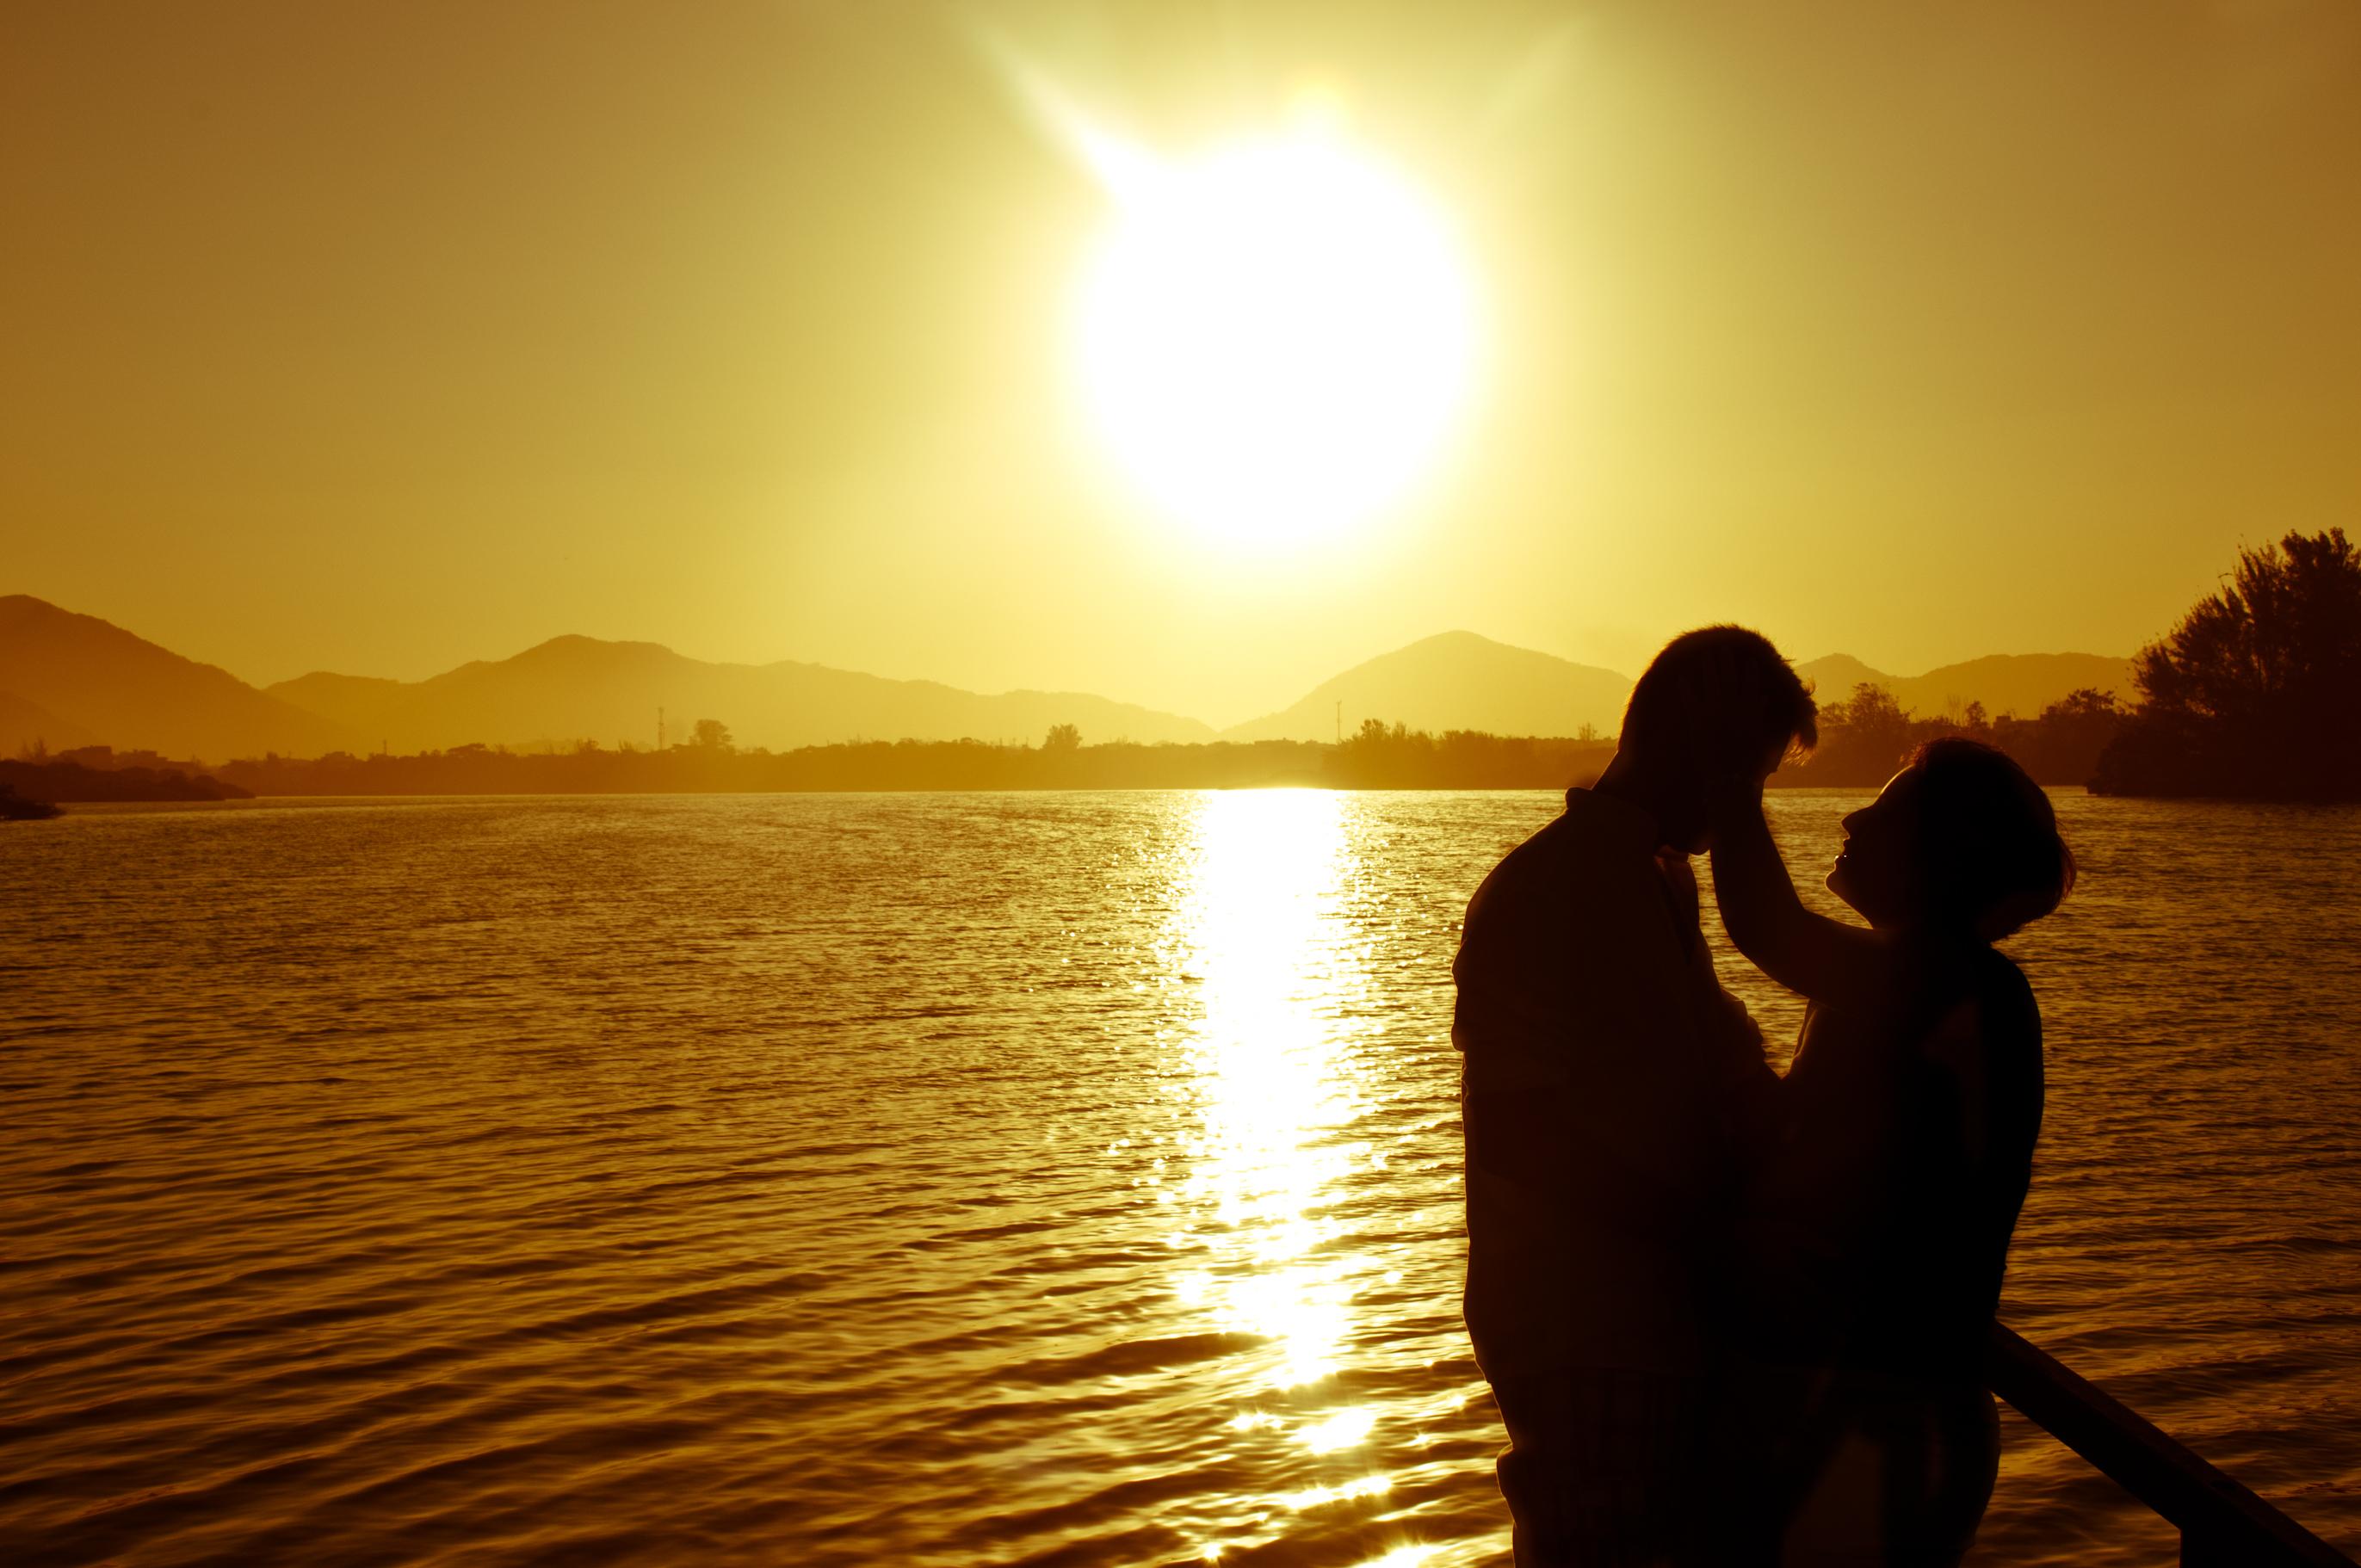 Een foto van een liefdeskoppel bij zonsondergang